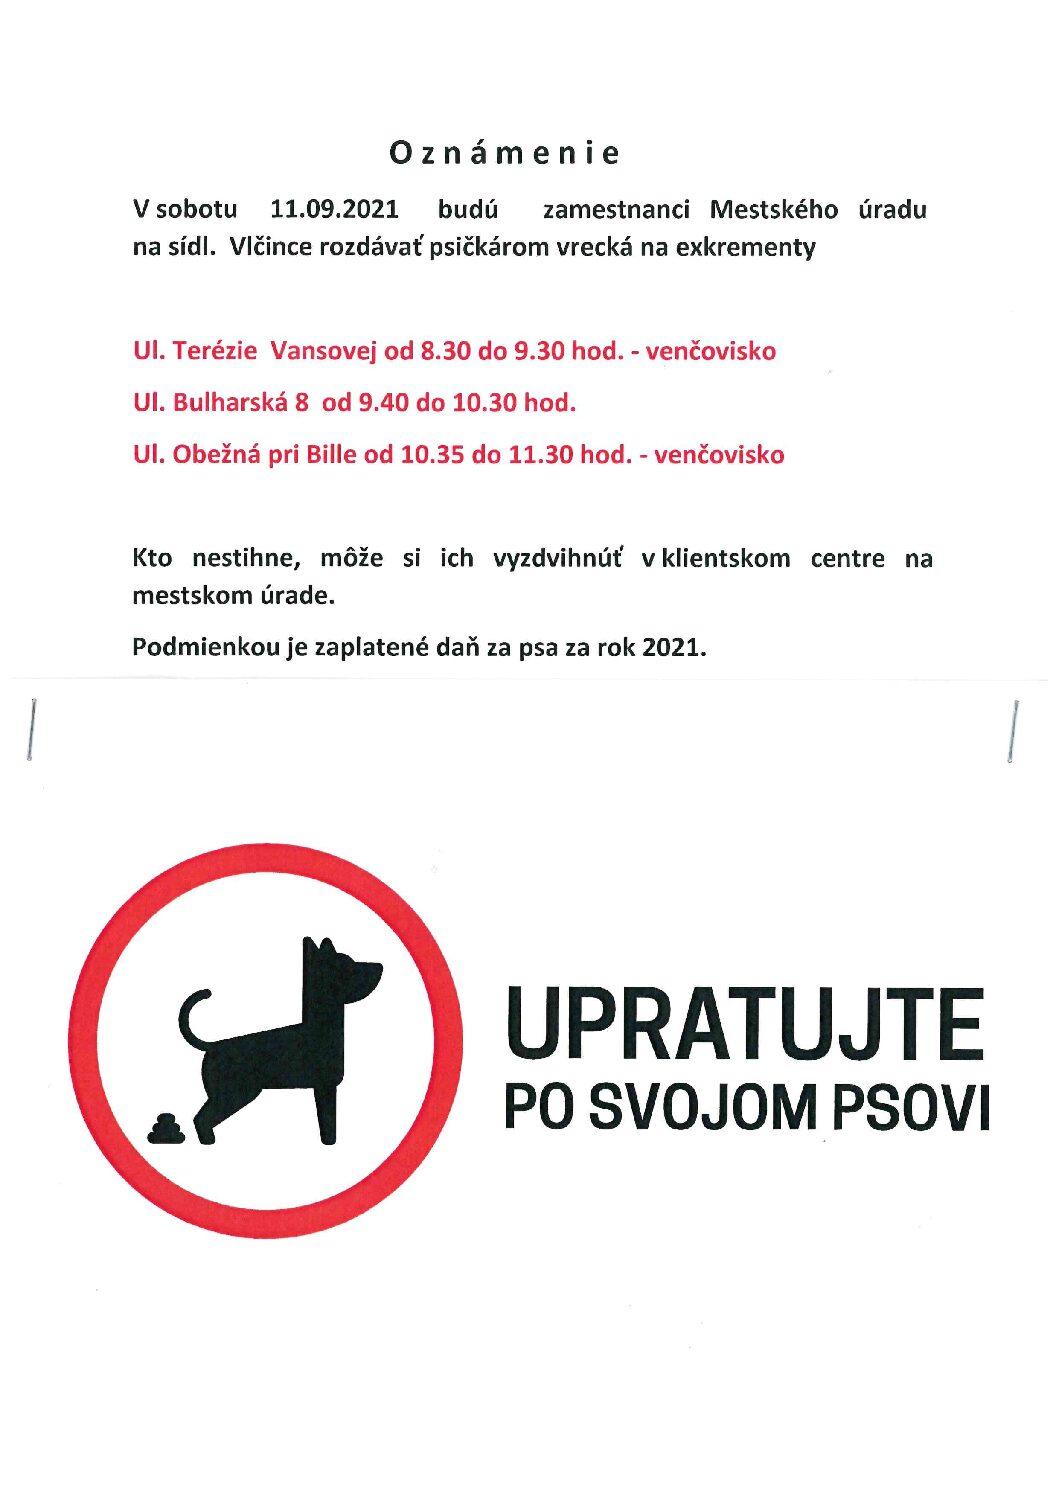 Oznam pre držiteľov psov o akcii na venčoviskách Vlčince